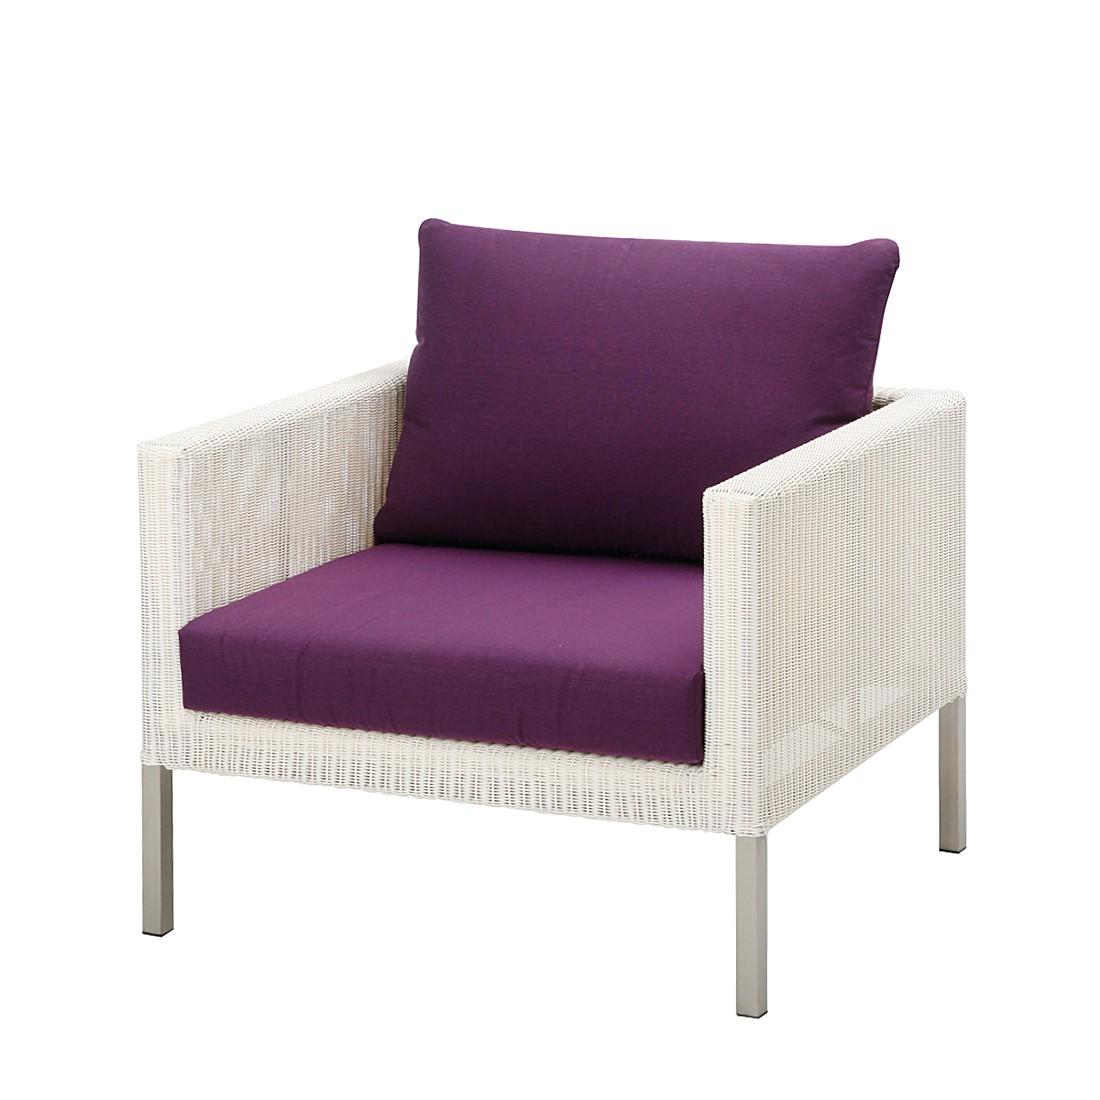 Sitzpolster San Remo/Mikado – Lila, Best Freizeitmöbel online bestellen